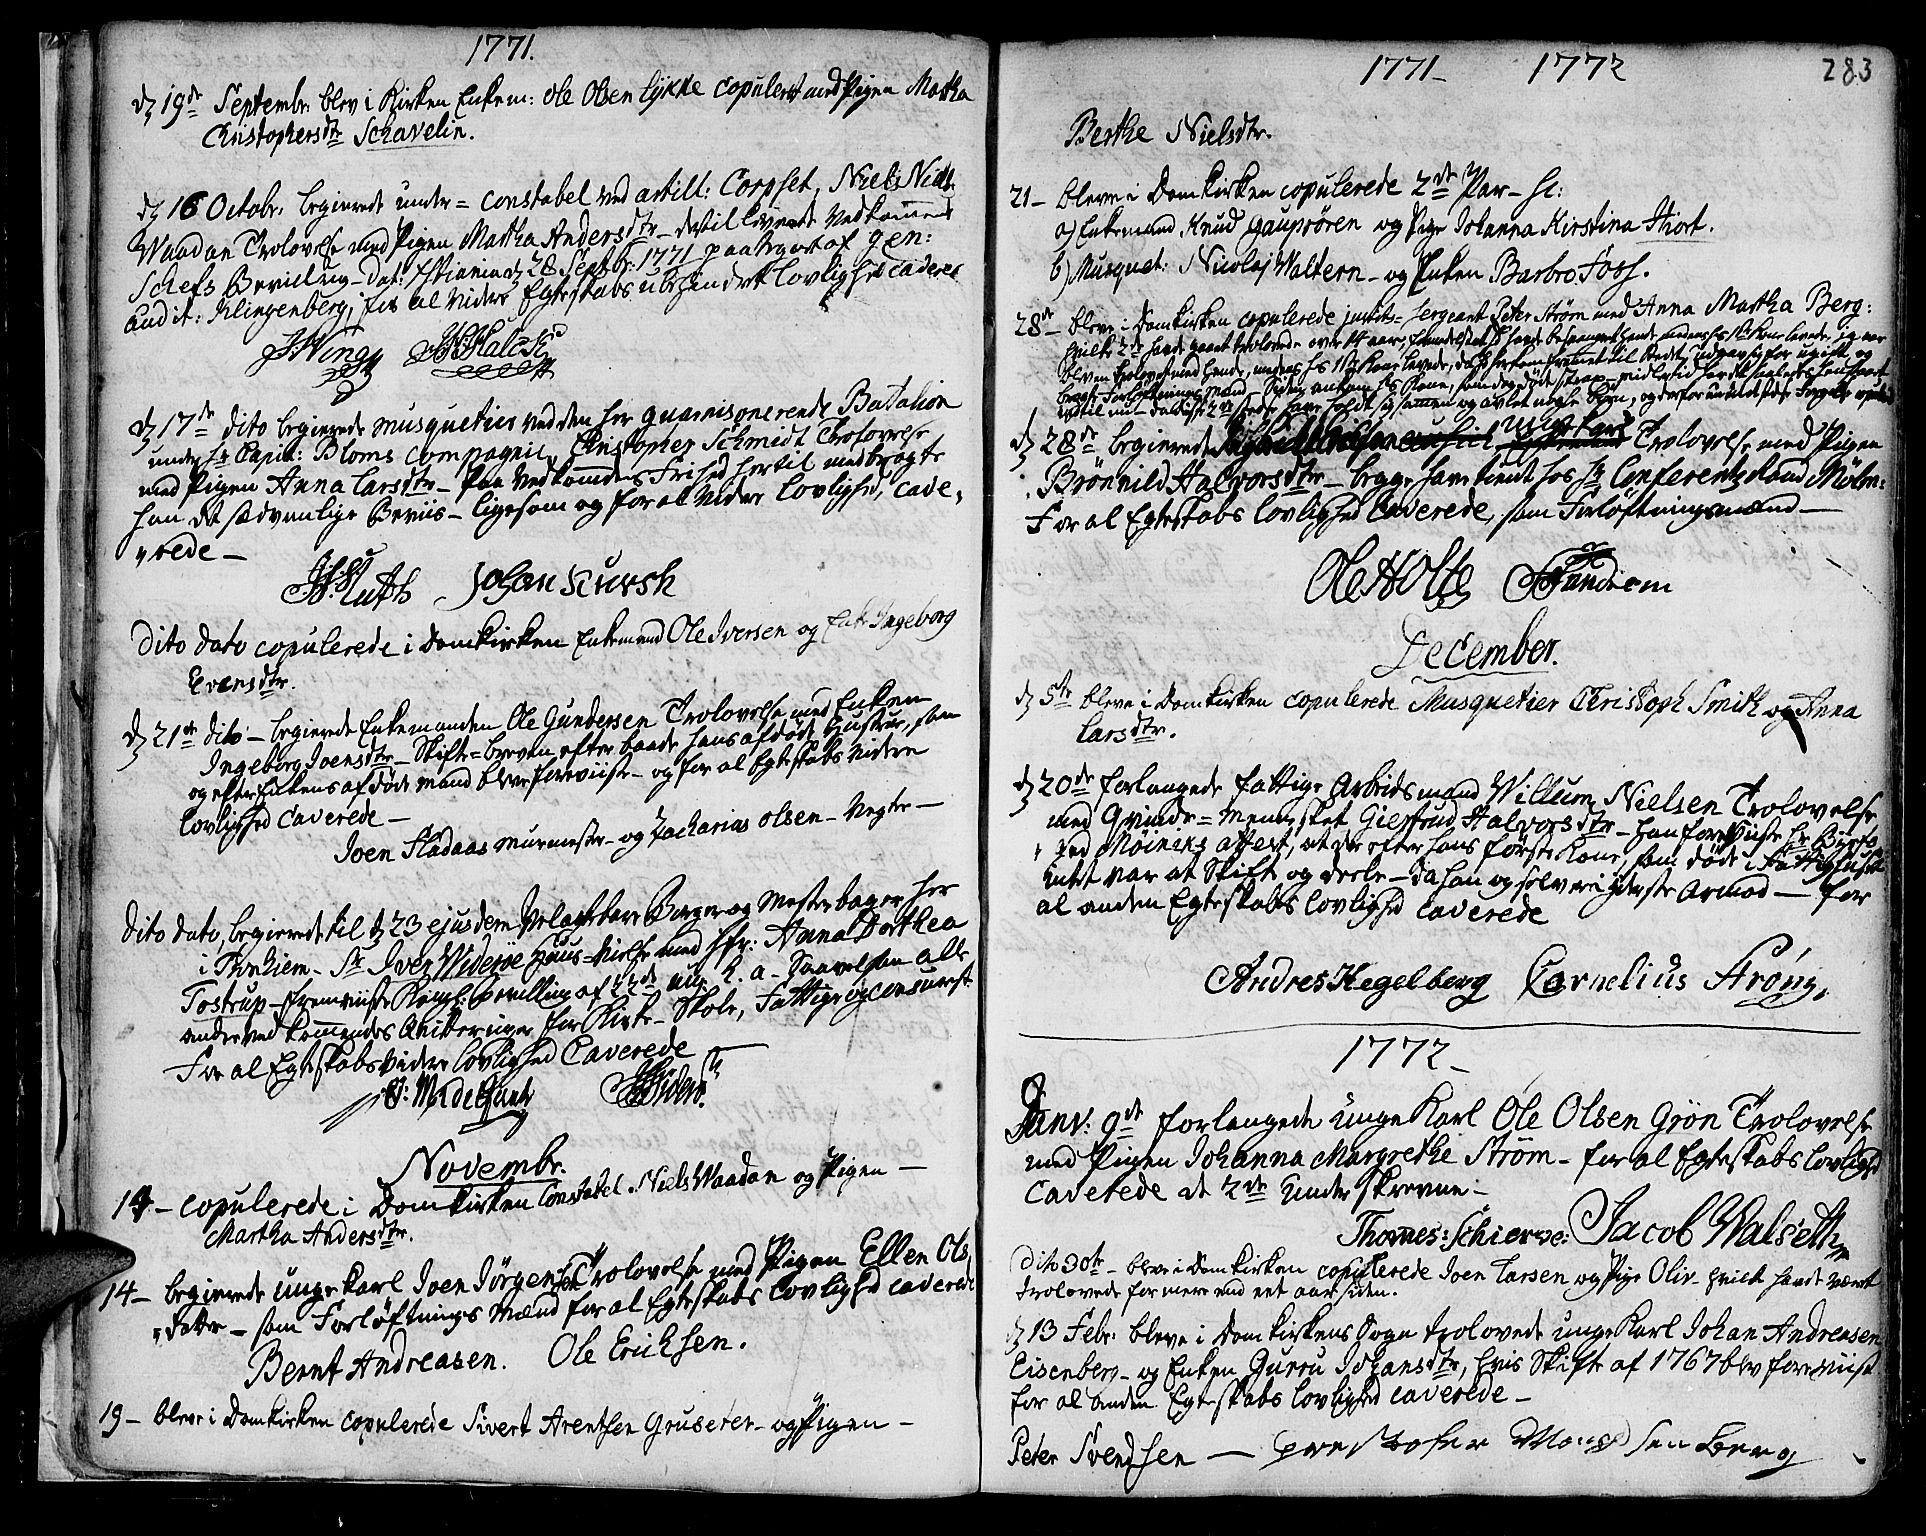 SAT, Ministerialprotokoller, klokkerbøker og fødselsregistre - Sør-Trøndelag, 601/L0038: Ministerialbok nr. 601A06, 1766-1877, s. 283